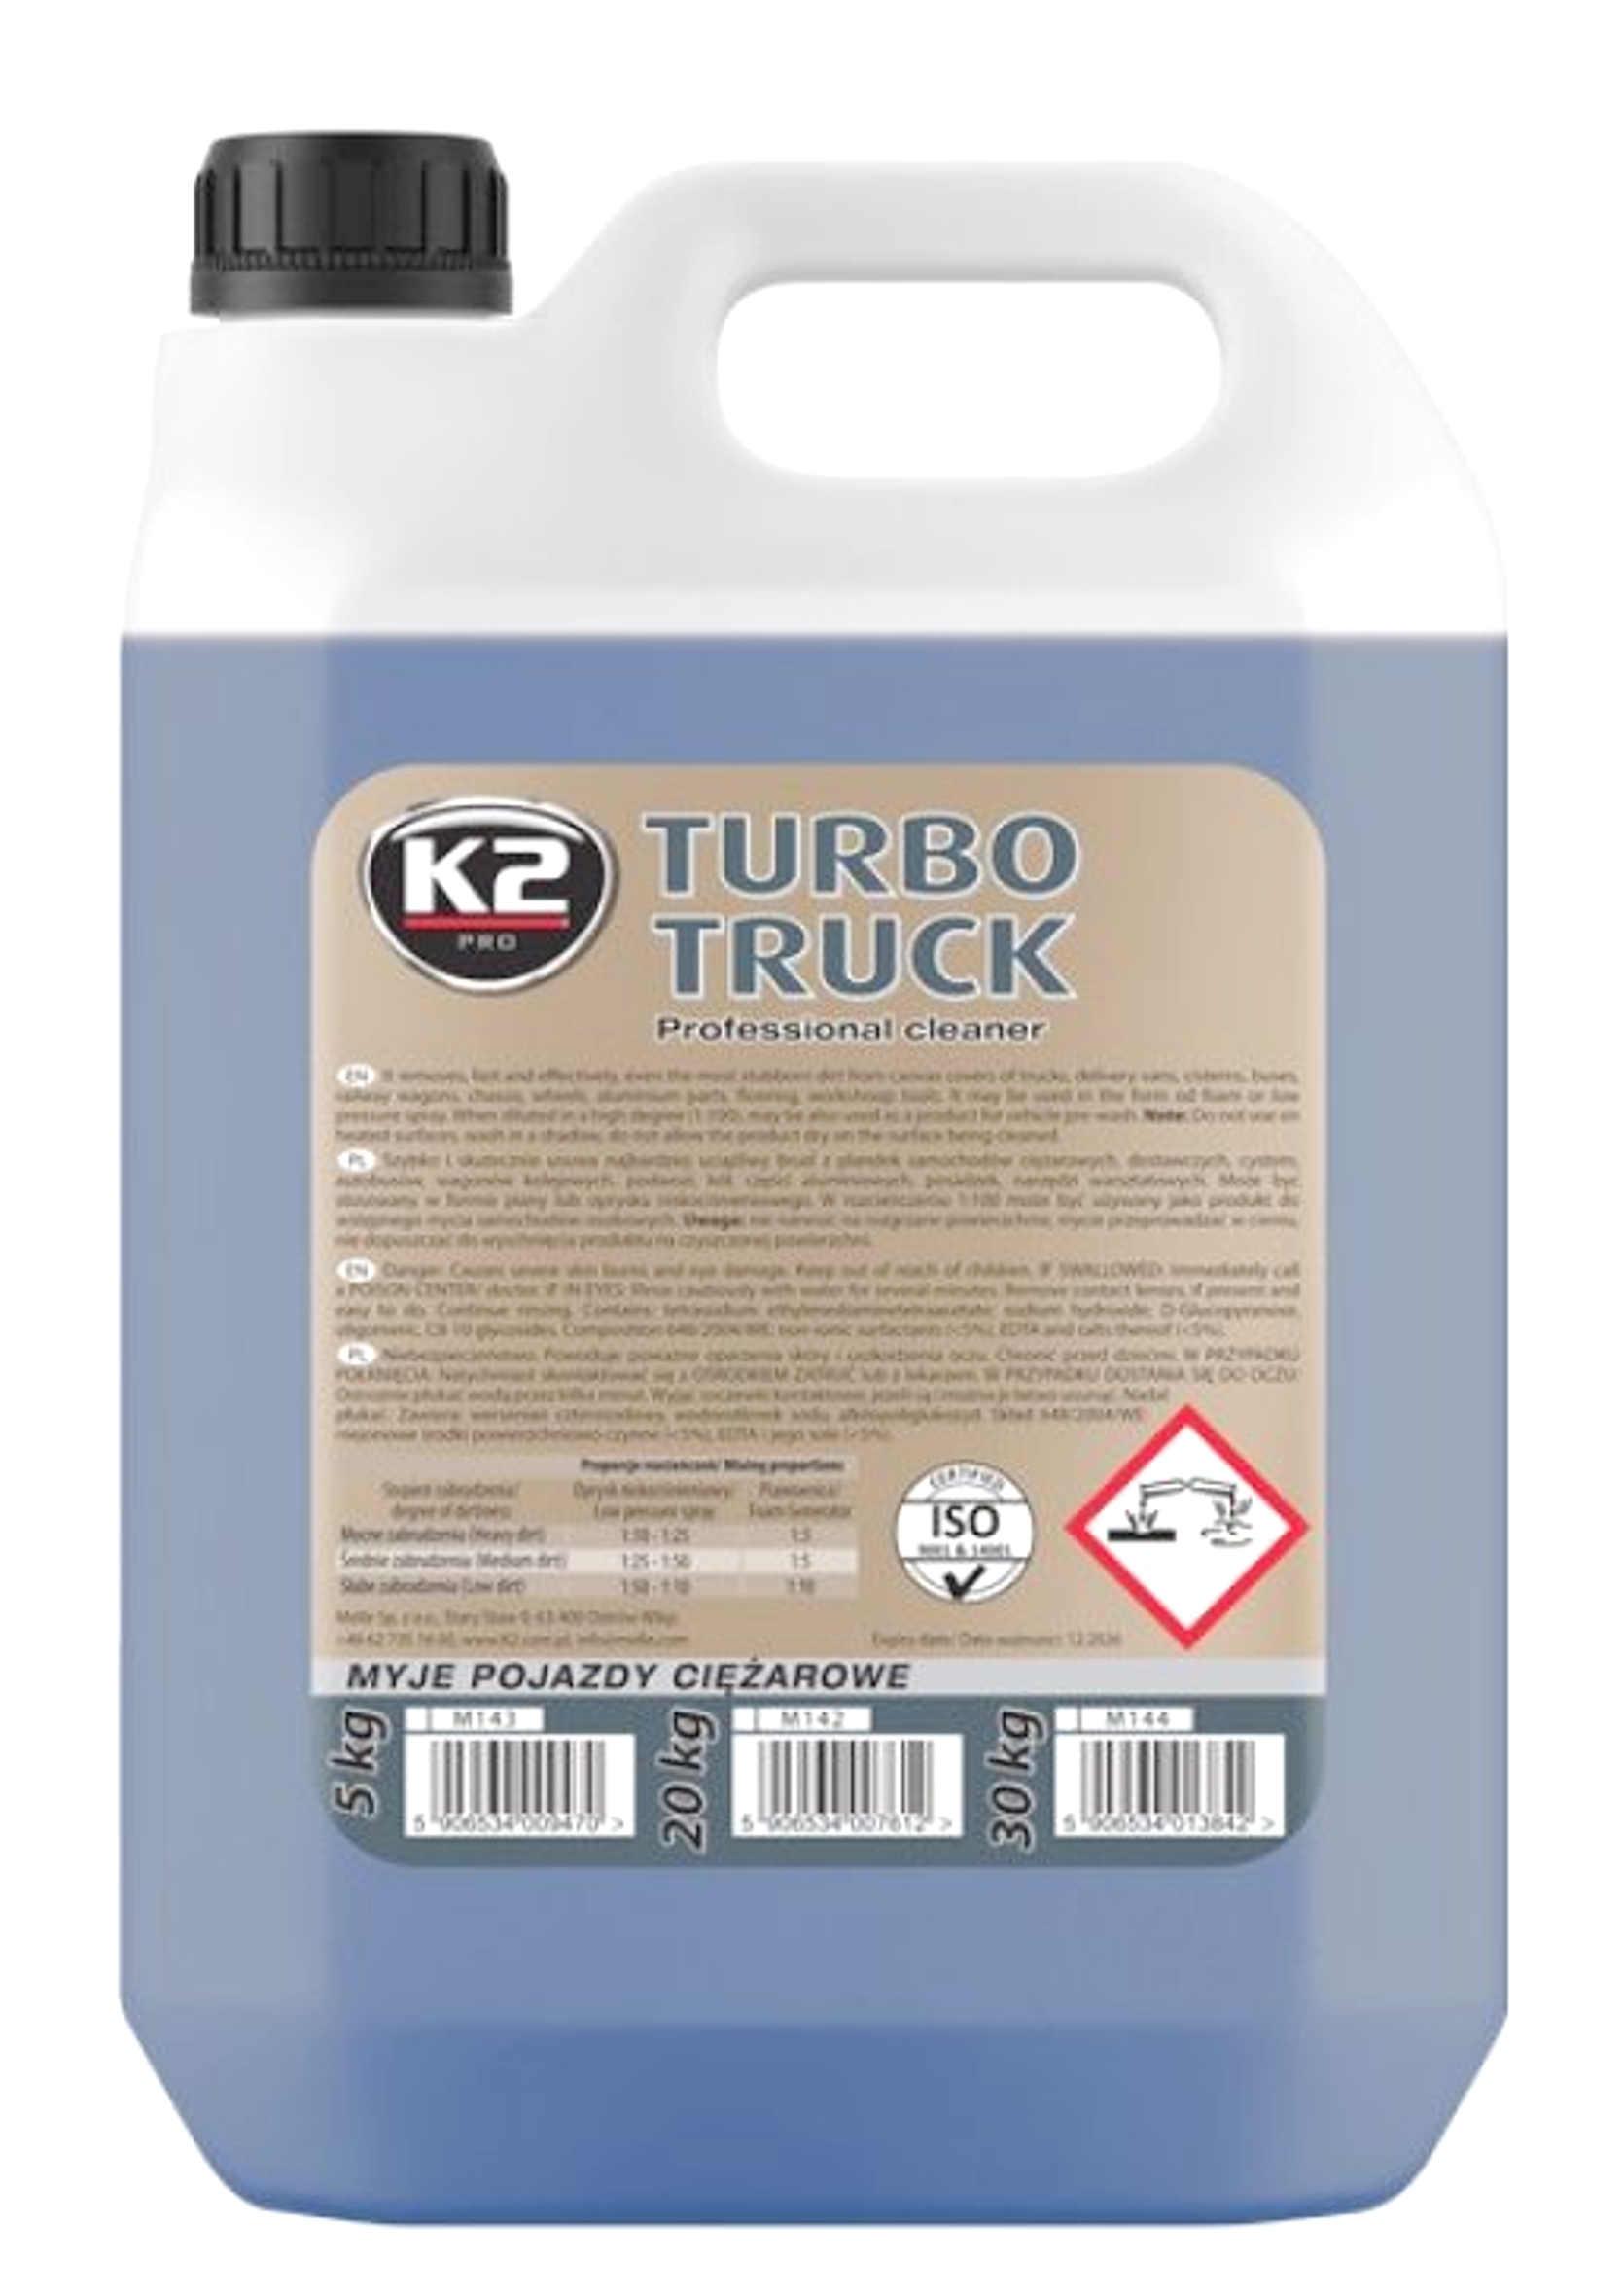 K2 Turbo Truck Cleaner Piana Aktywna do Mycia Ciężarówek i Plandek 5kg